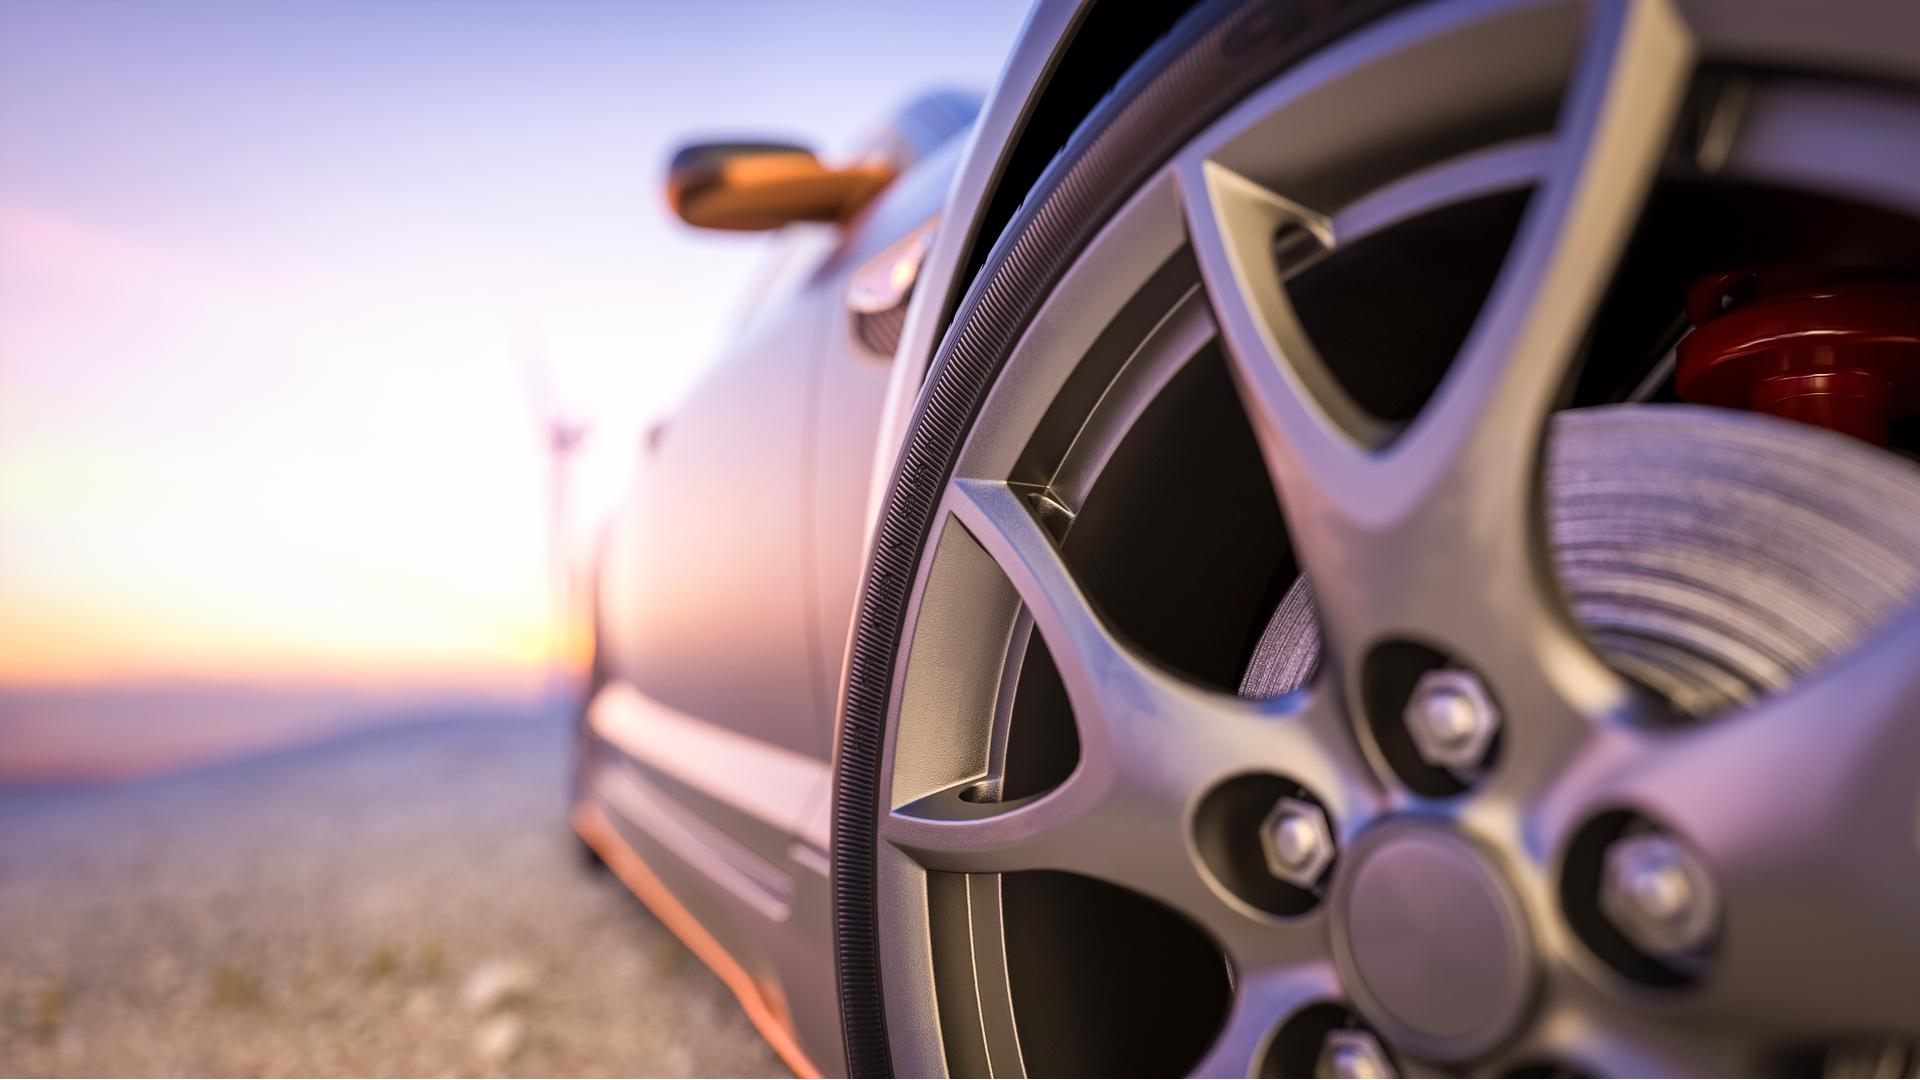 roda do carro alterar tamanho consequencias pode